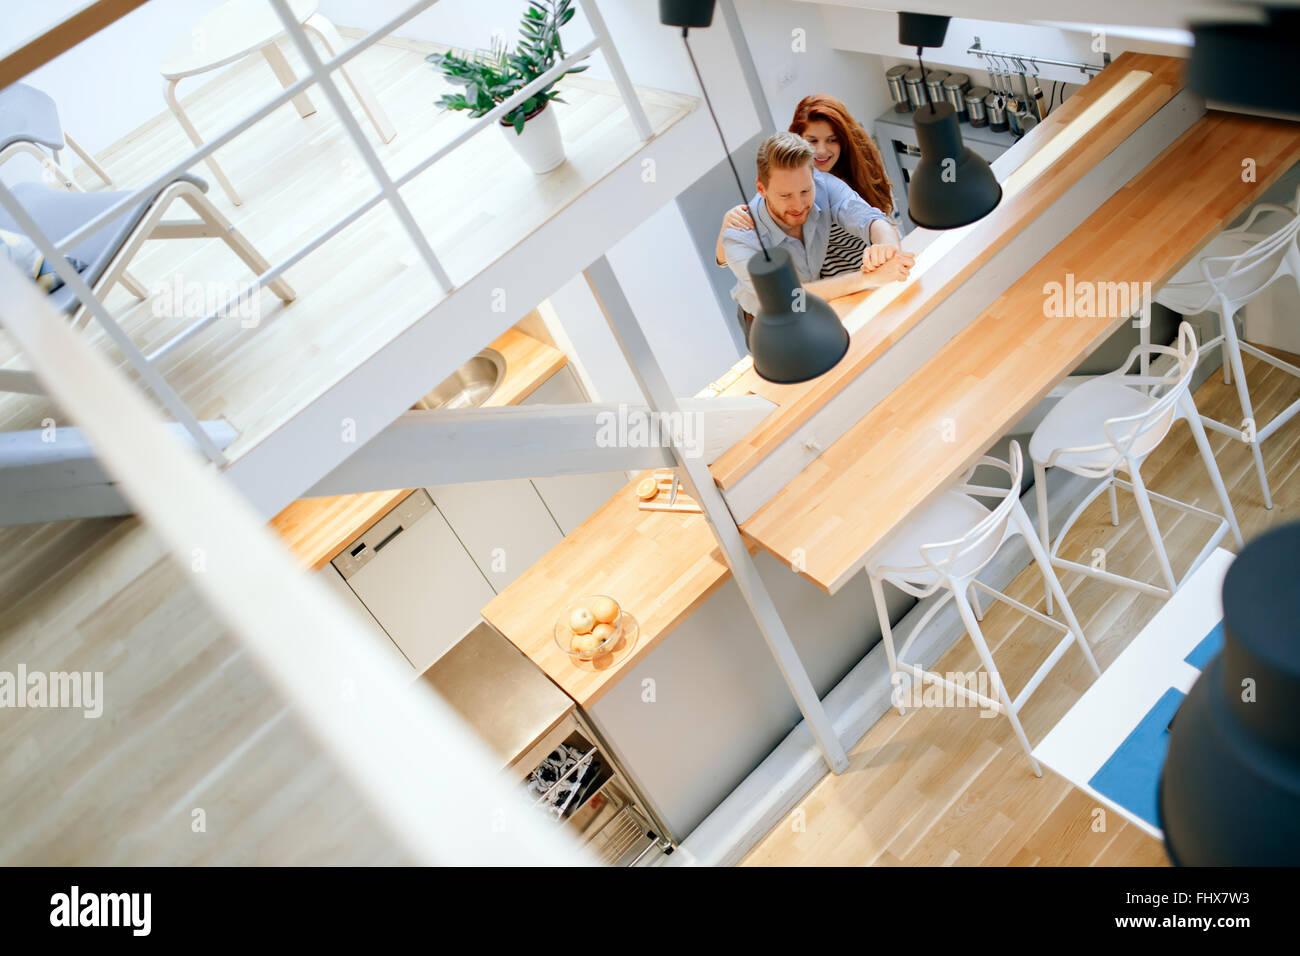 Schönes paar posiert in gut gestalteten Küche Stockbild